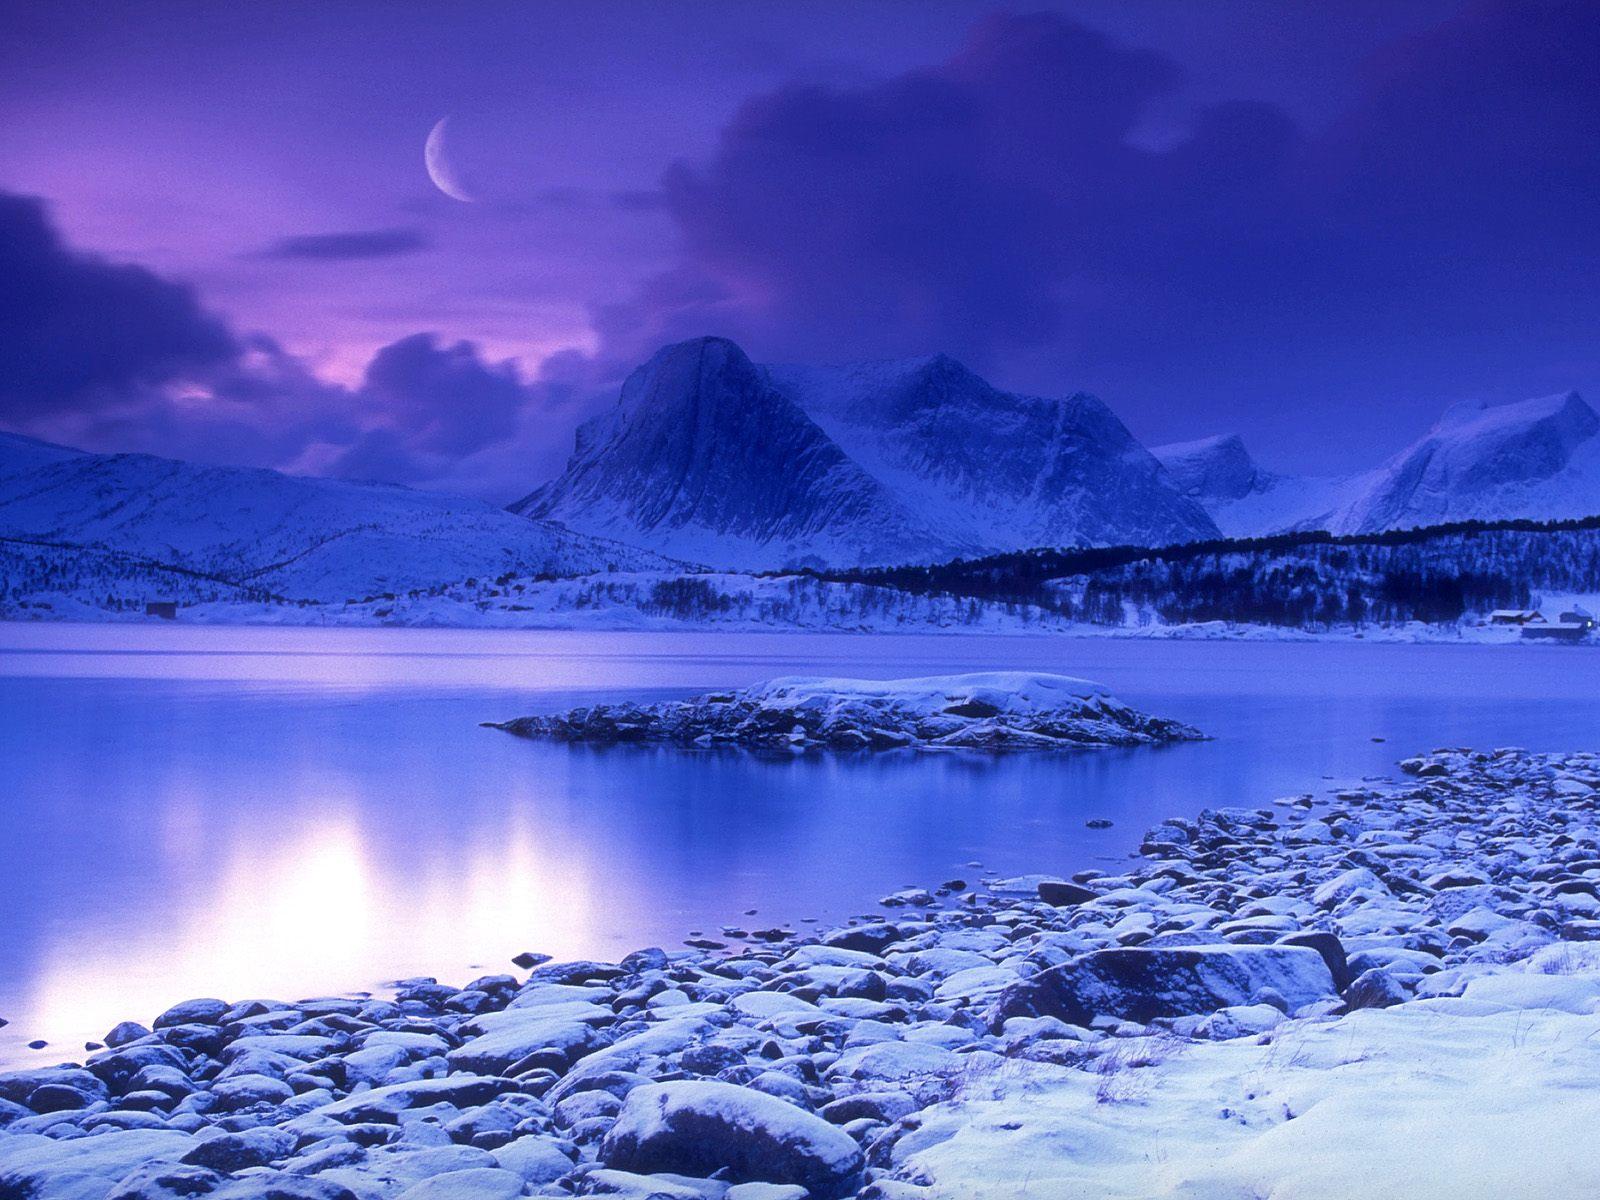 Cold Mountain Lake Wallpaper